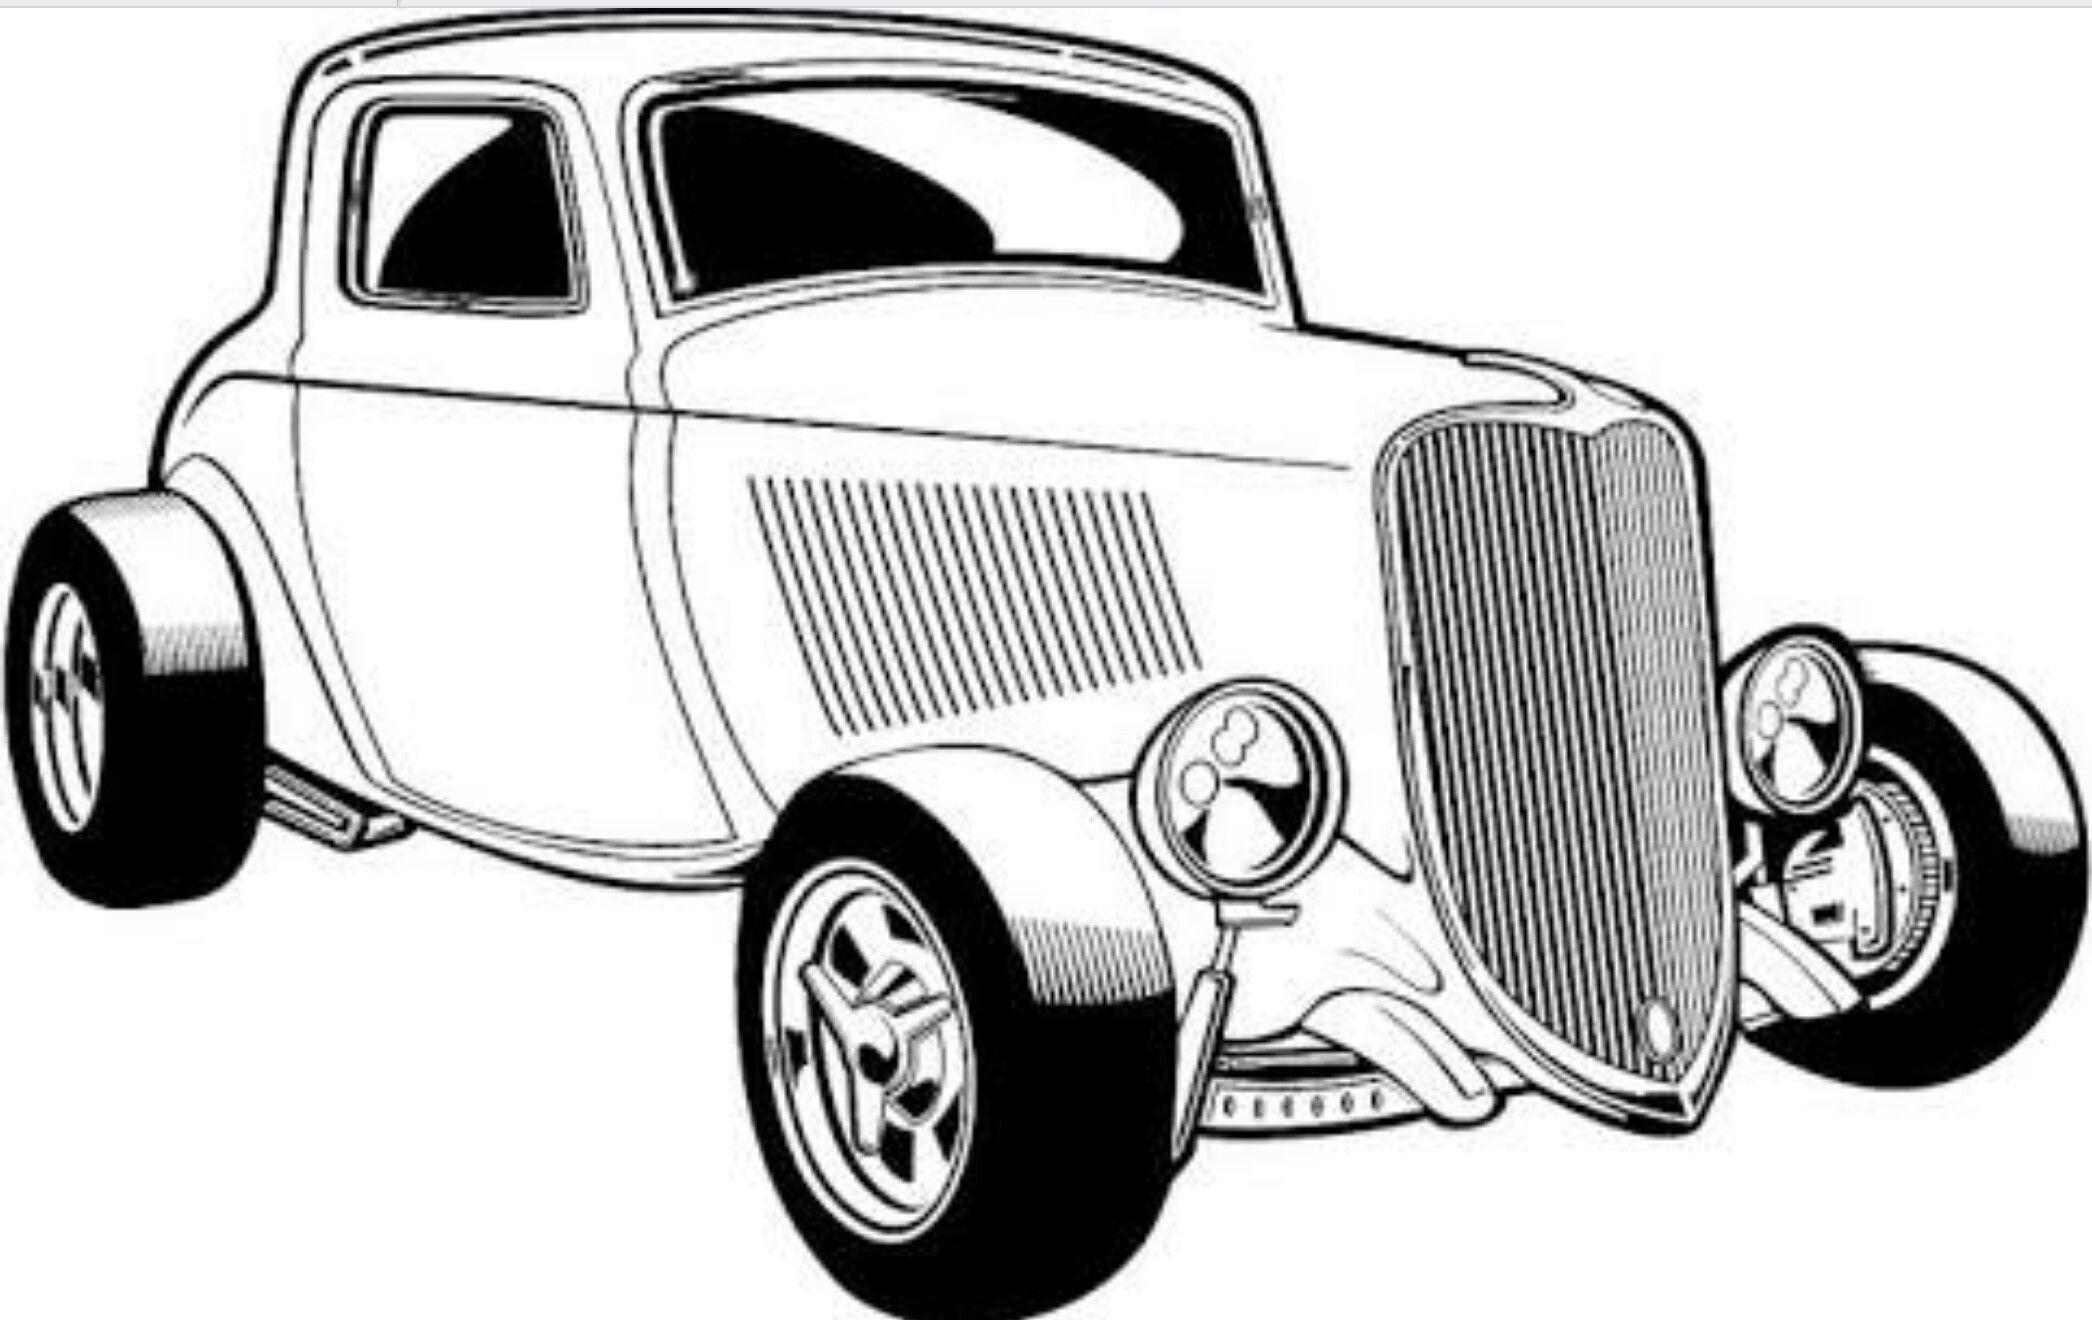 Pin von Guy Crennan auf CARS | Pinterest | Illustration und Zeichnungen